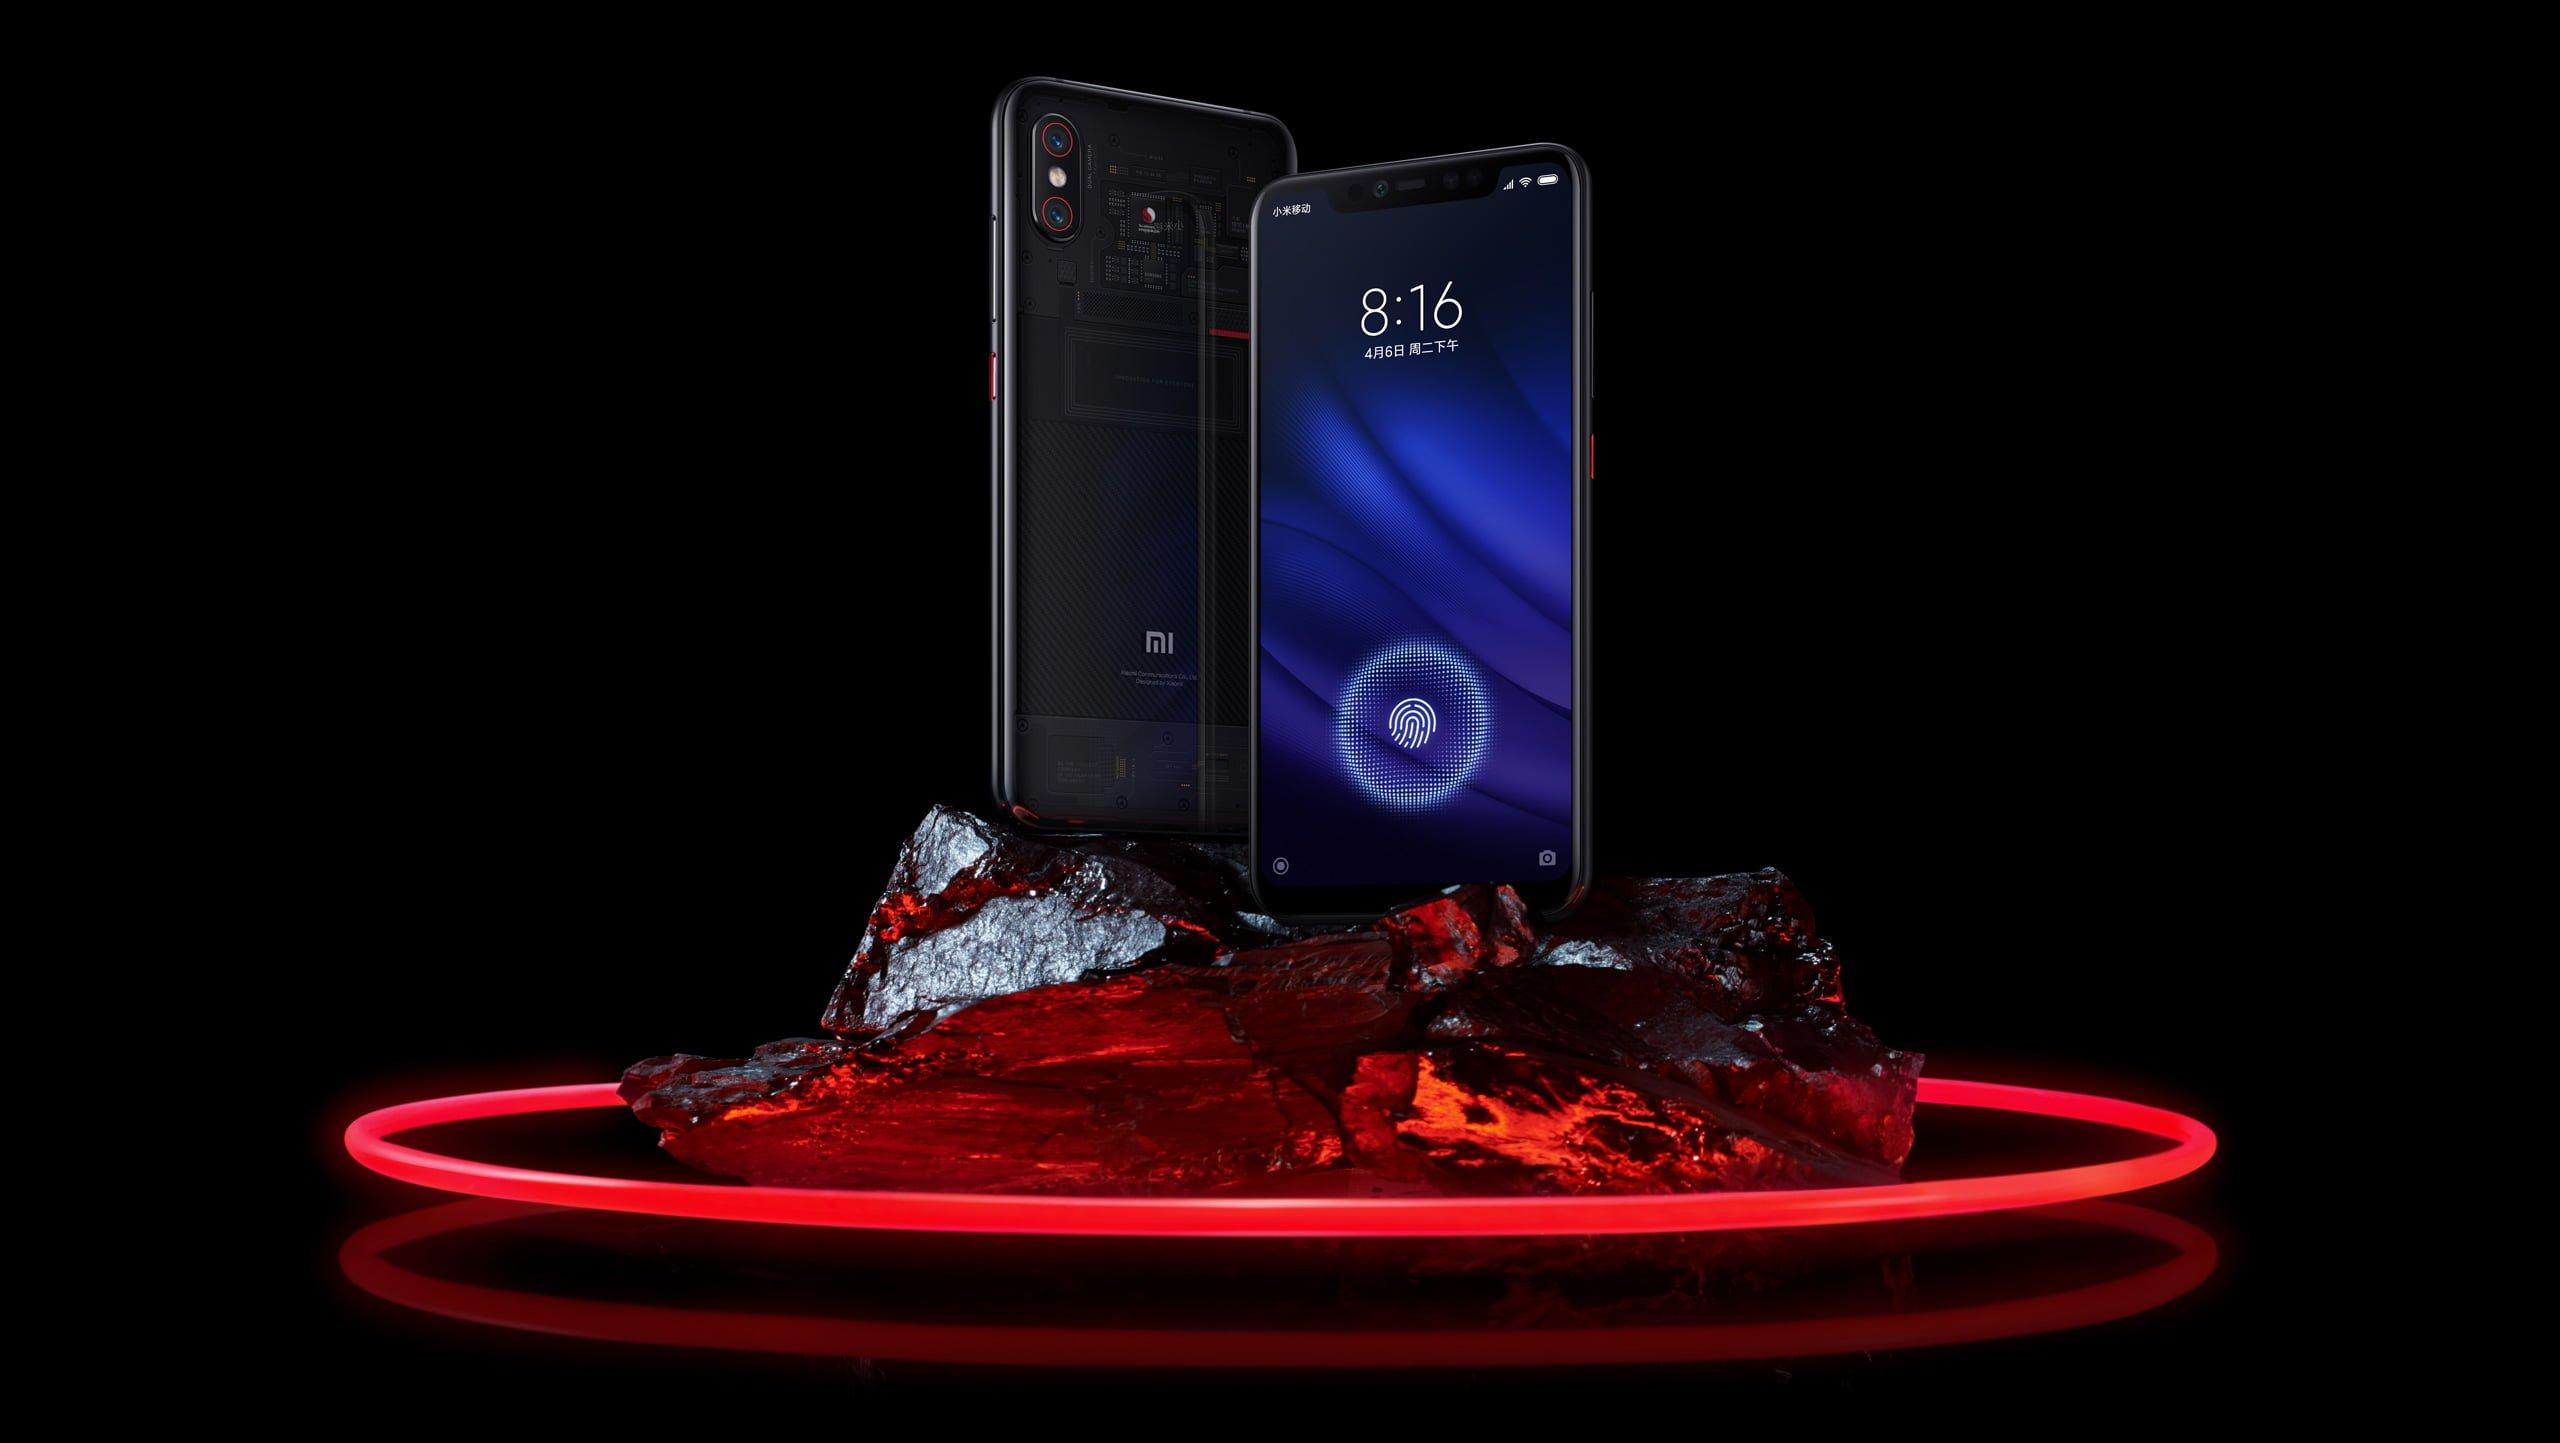 Promocja: Xiaomi Mi 8 Pro za 1800 złotych! 20